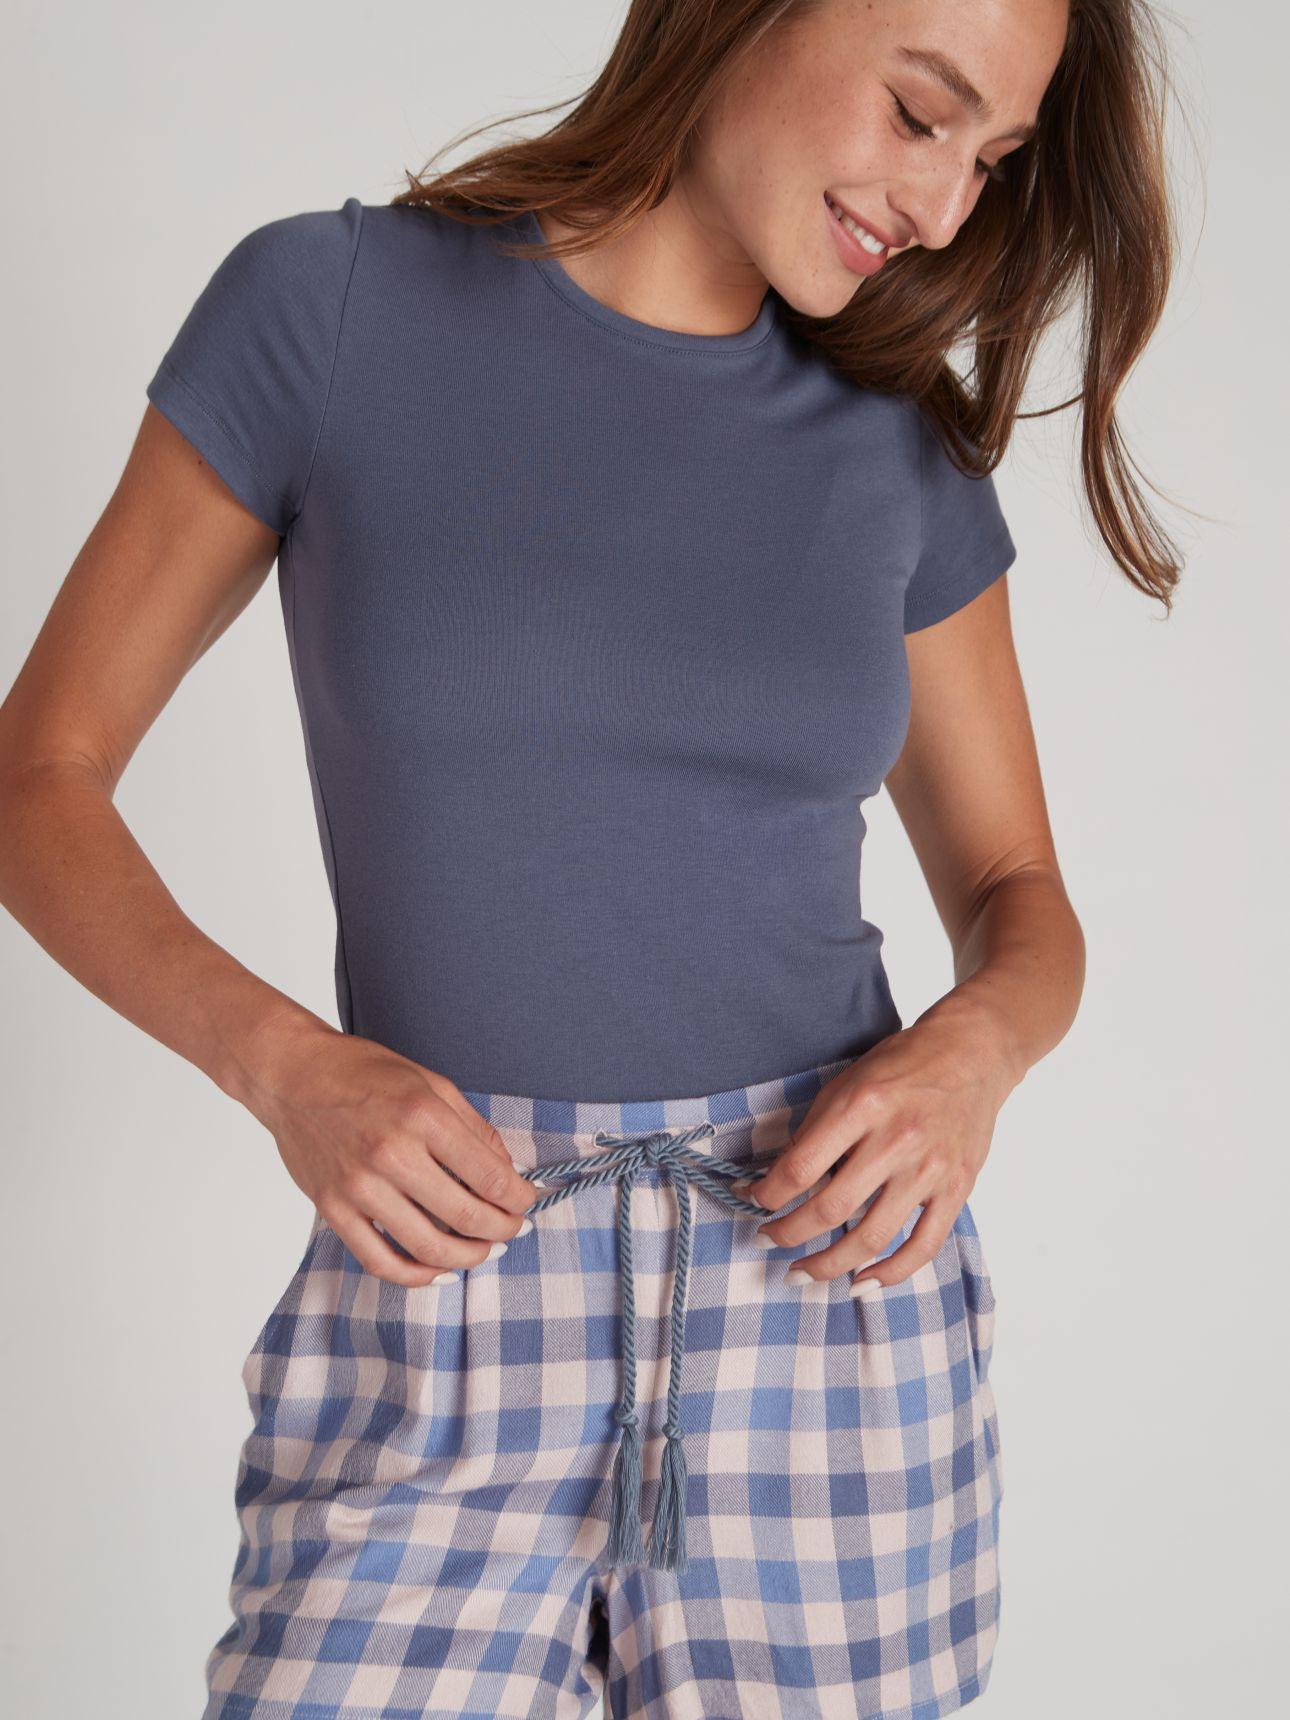 מכנסיים קצרים משובצים בצבע כחול